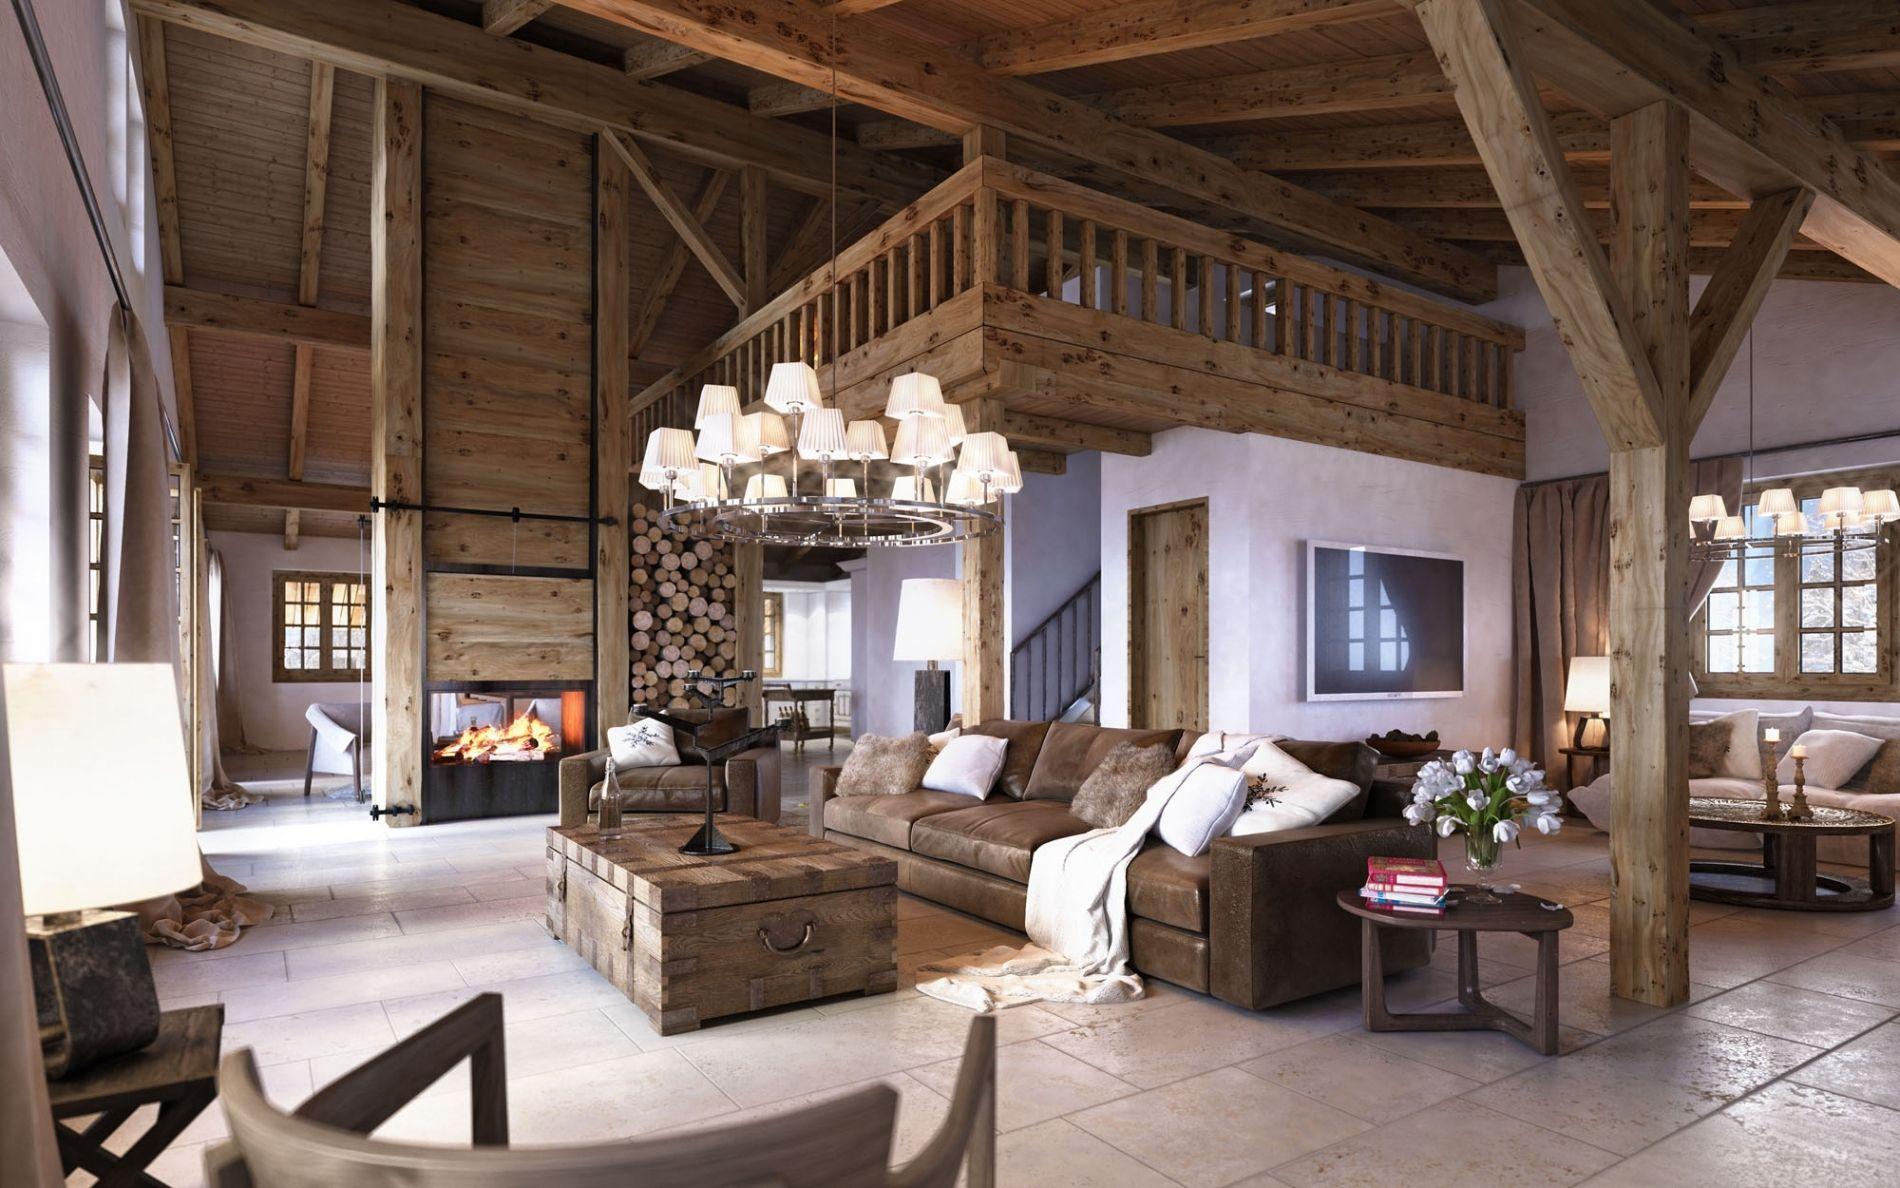 luxus interieur design idee sennhutte im gebirge, stilvoll wohnzimmer einrichten holz | wohnzimmer deko | pinterest, Design ideen